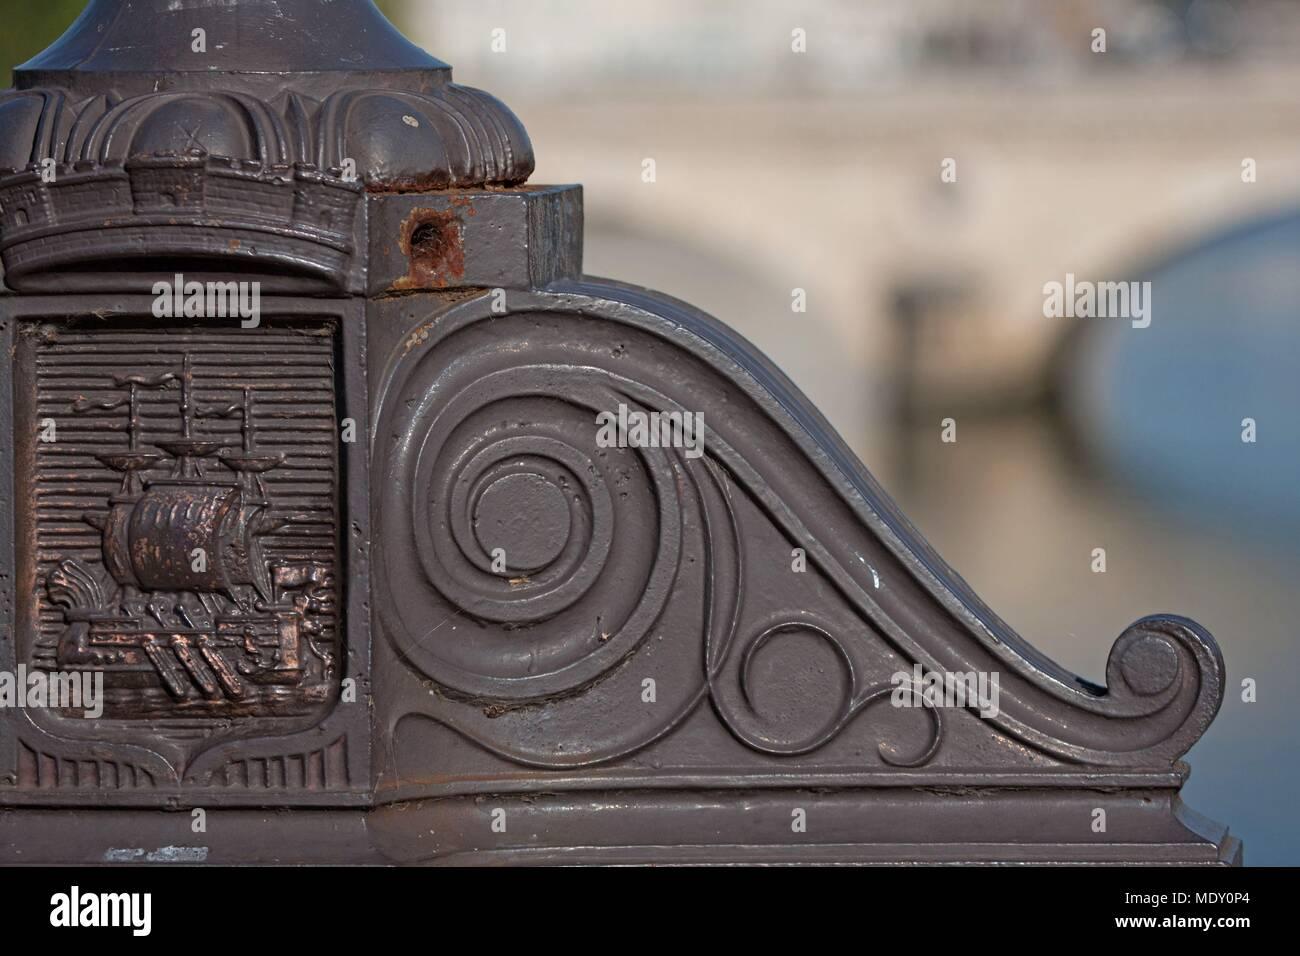 Paris, Île Saint Louis, pont marie, detail of the base of a street light, devise, flucuat nec mergitur, - Stock Image